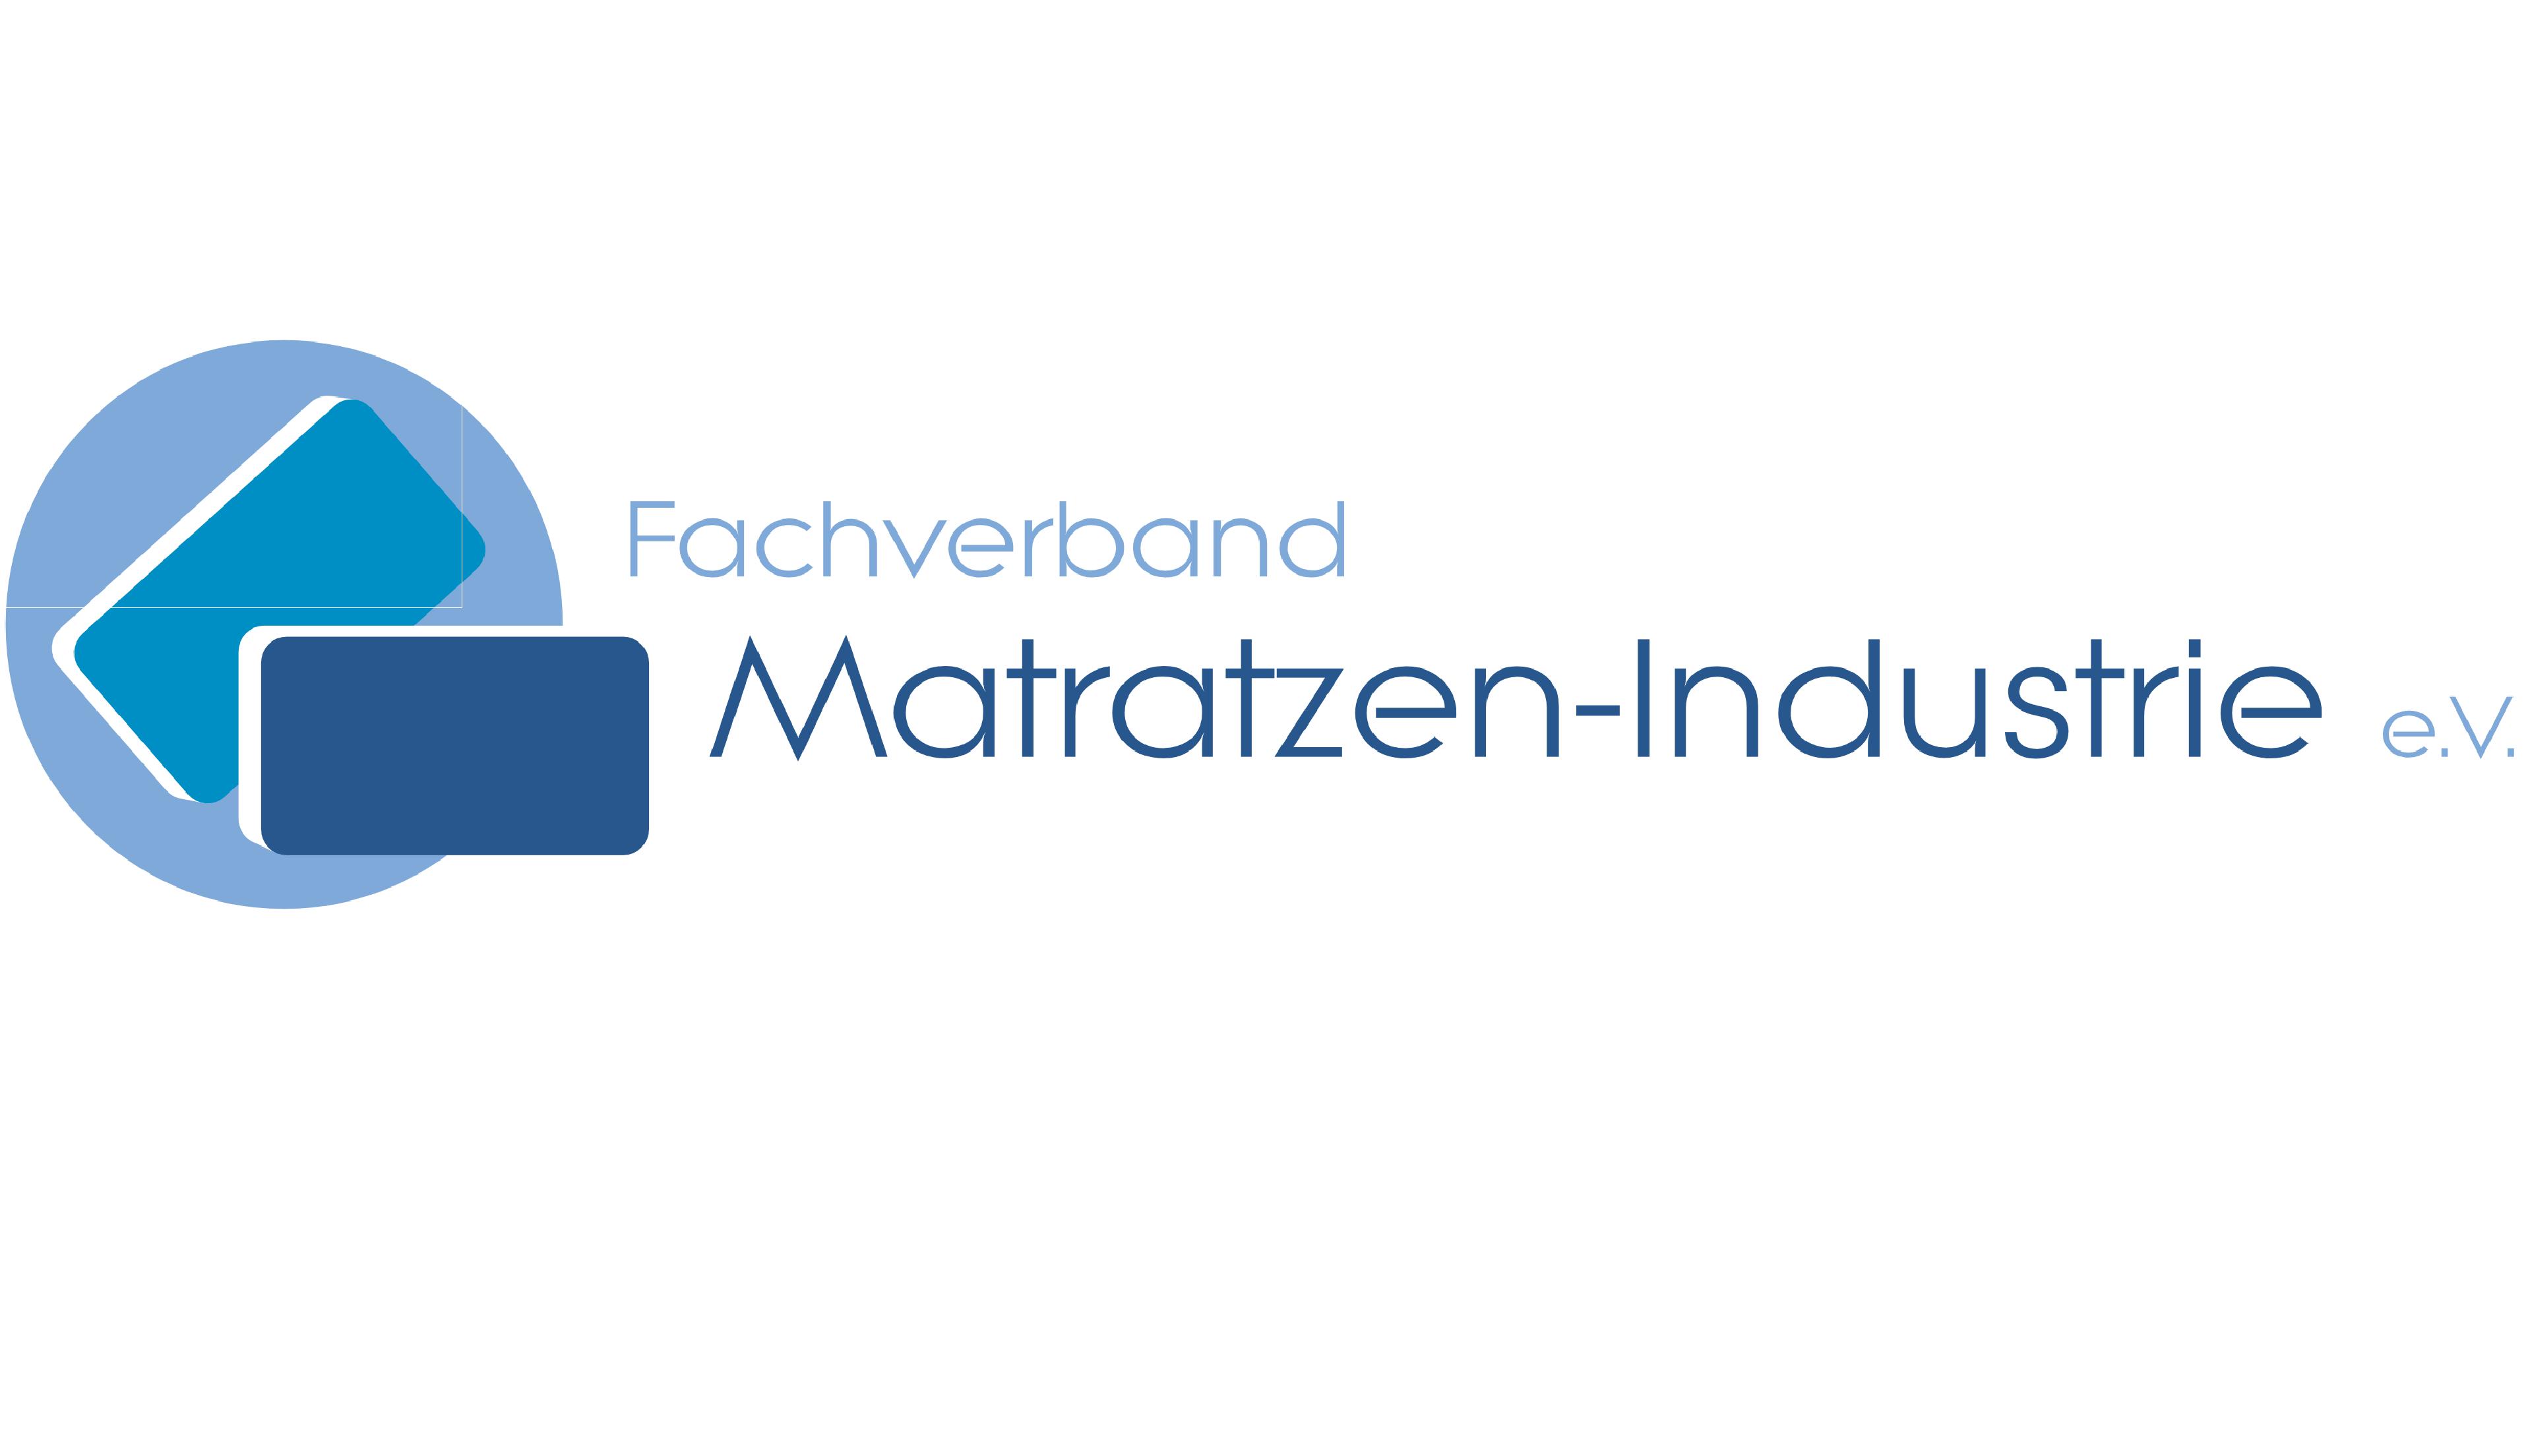 Fachverband Matratzenindustrie e. V.